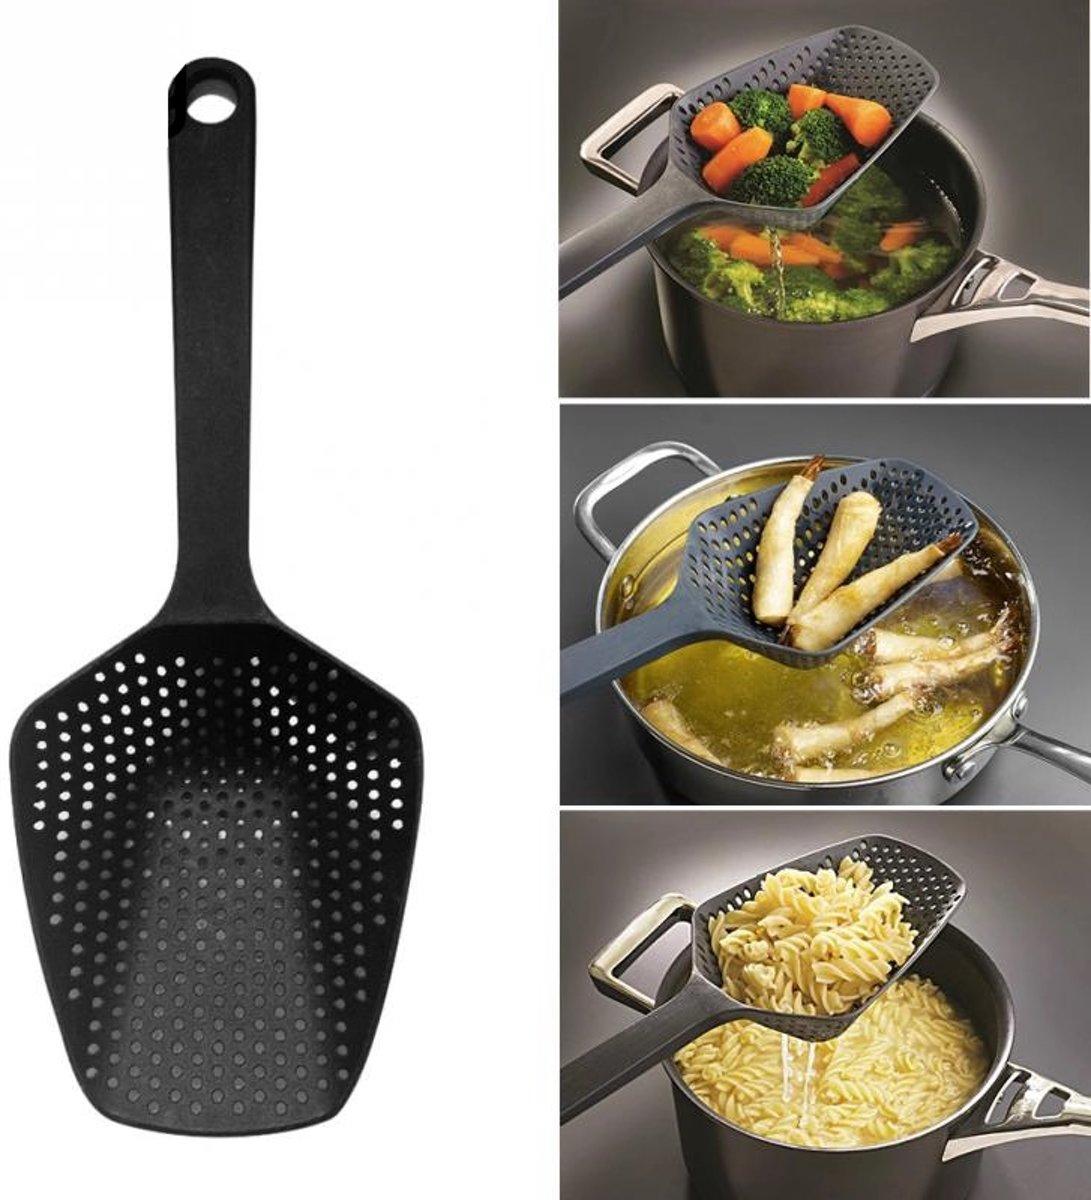 Keuken Zeef & Schep ( 2 in 1) | Vergiet | Makkelijk afgieten | Afgiet Schep | Afgieten | Koken | Pan | Handig | Afgietdeksel | Groente | Pasta | Frietjes | Koken kopen